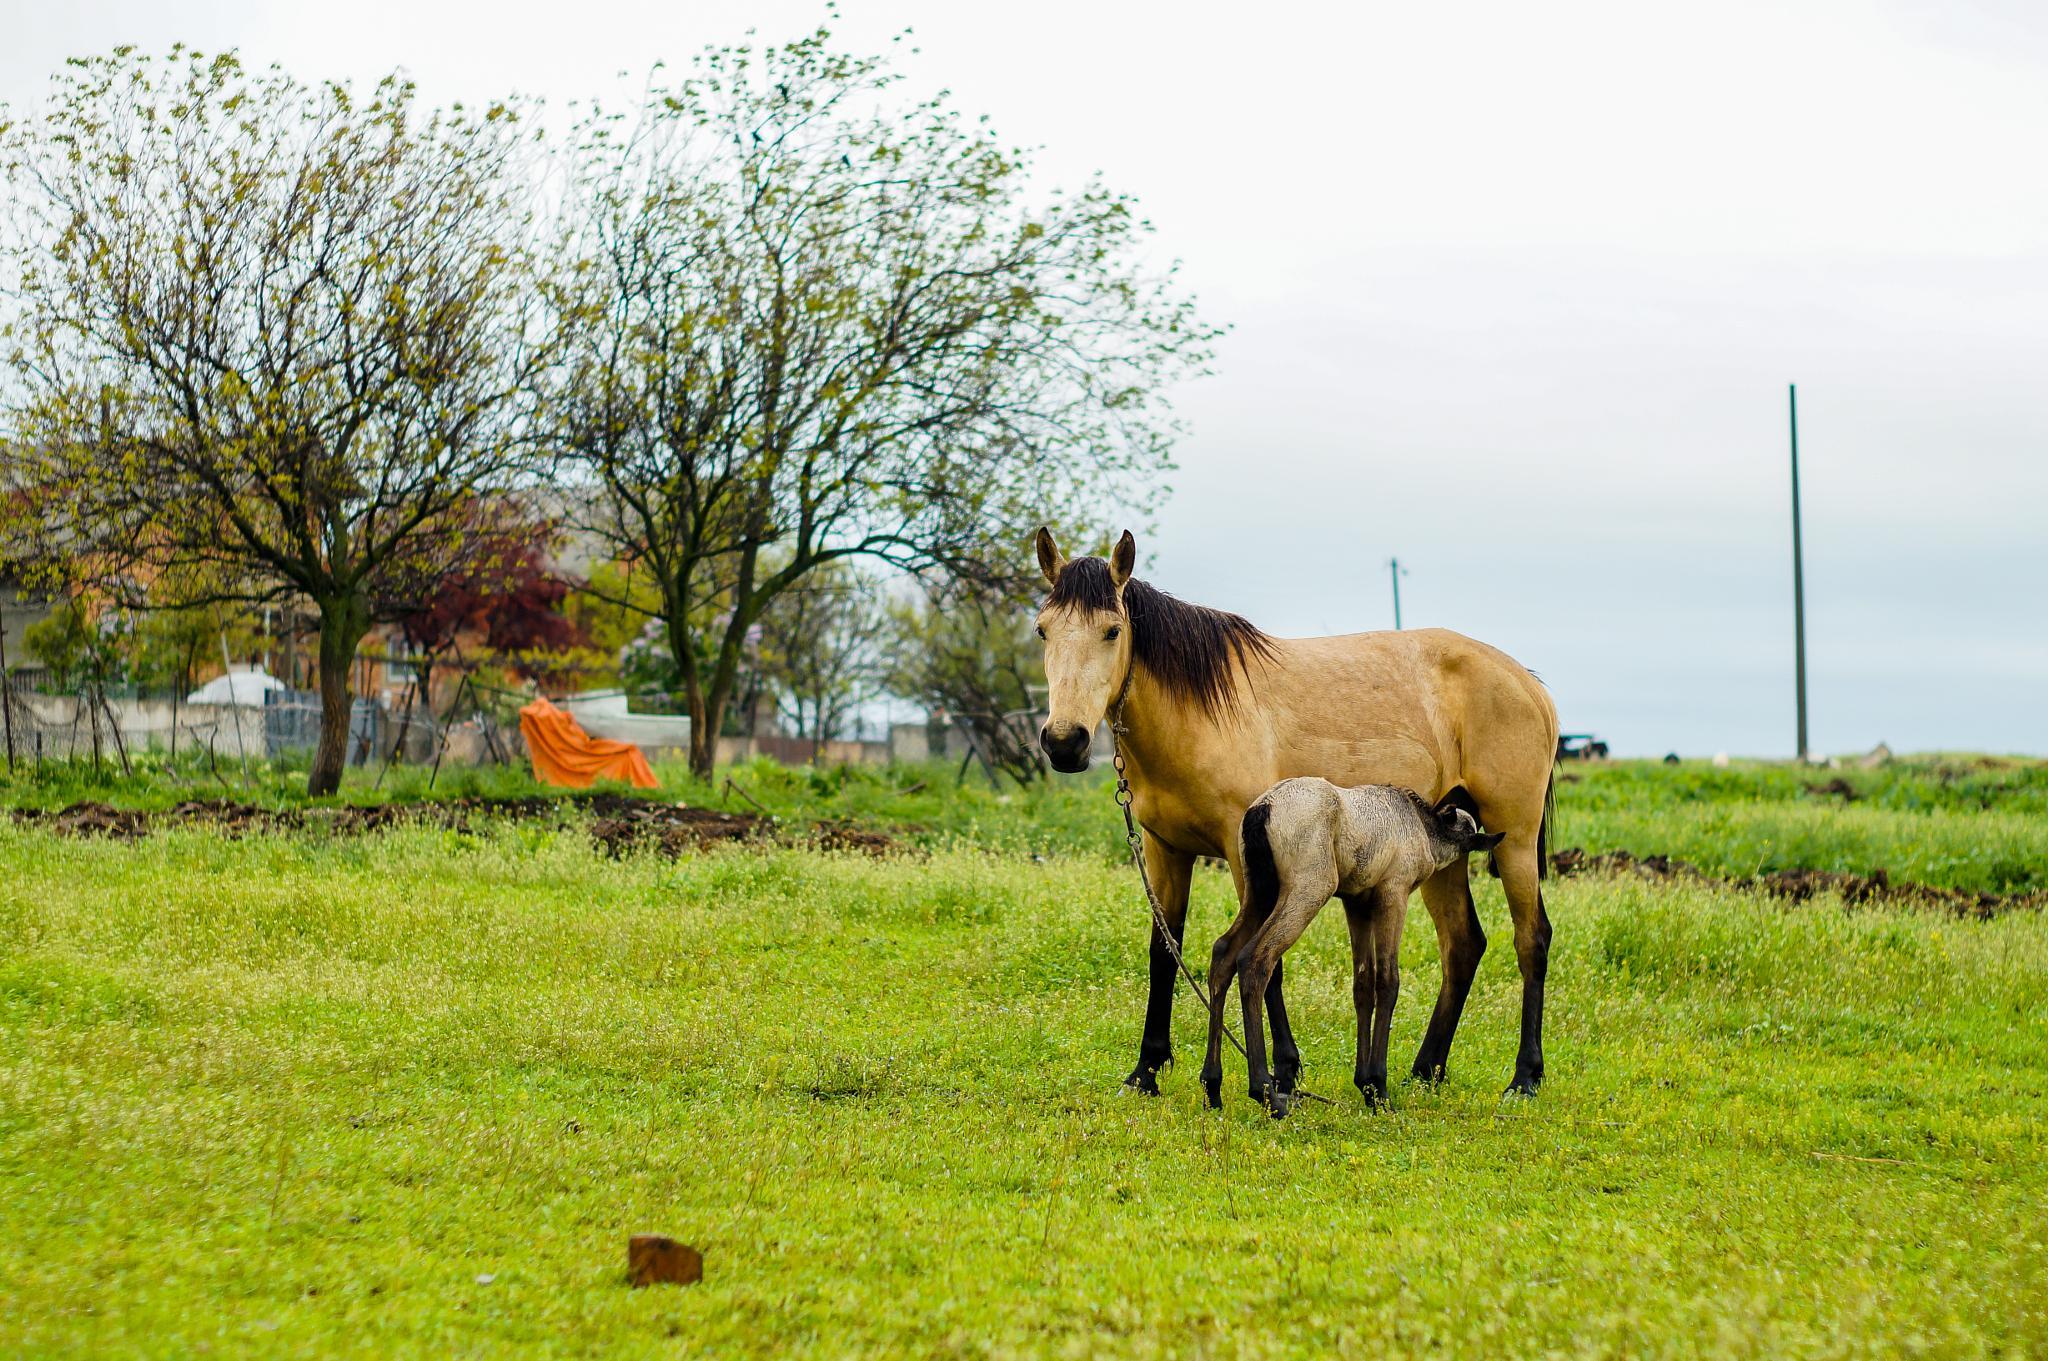 Horse by Shalva Mamukashvili